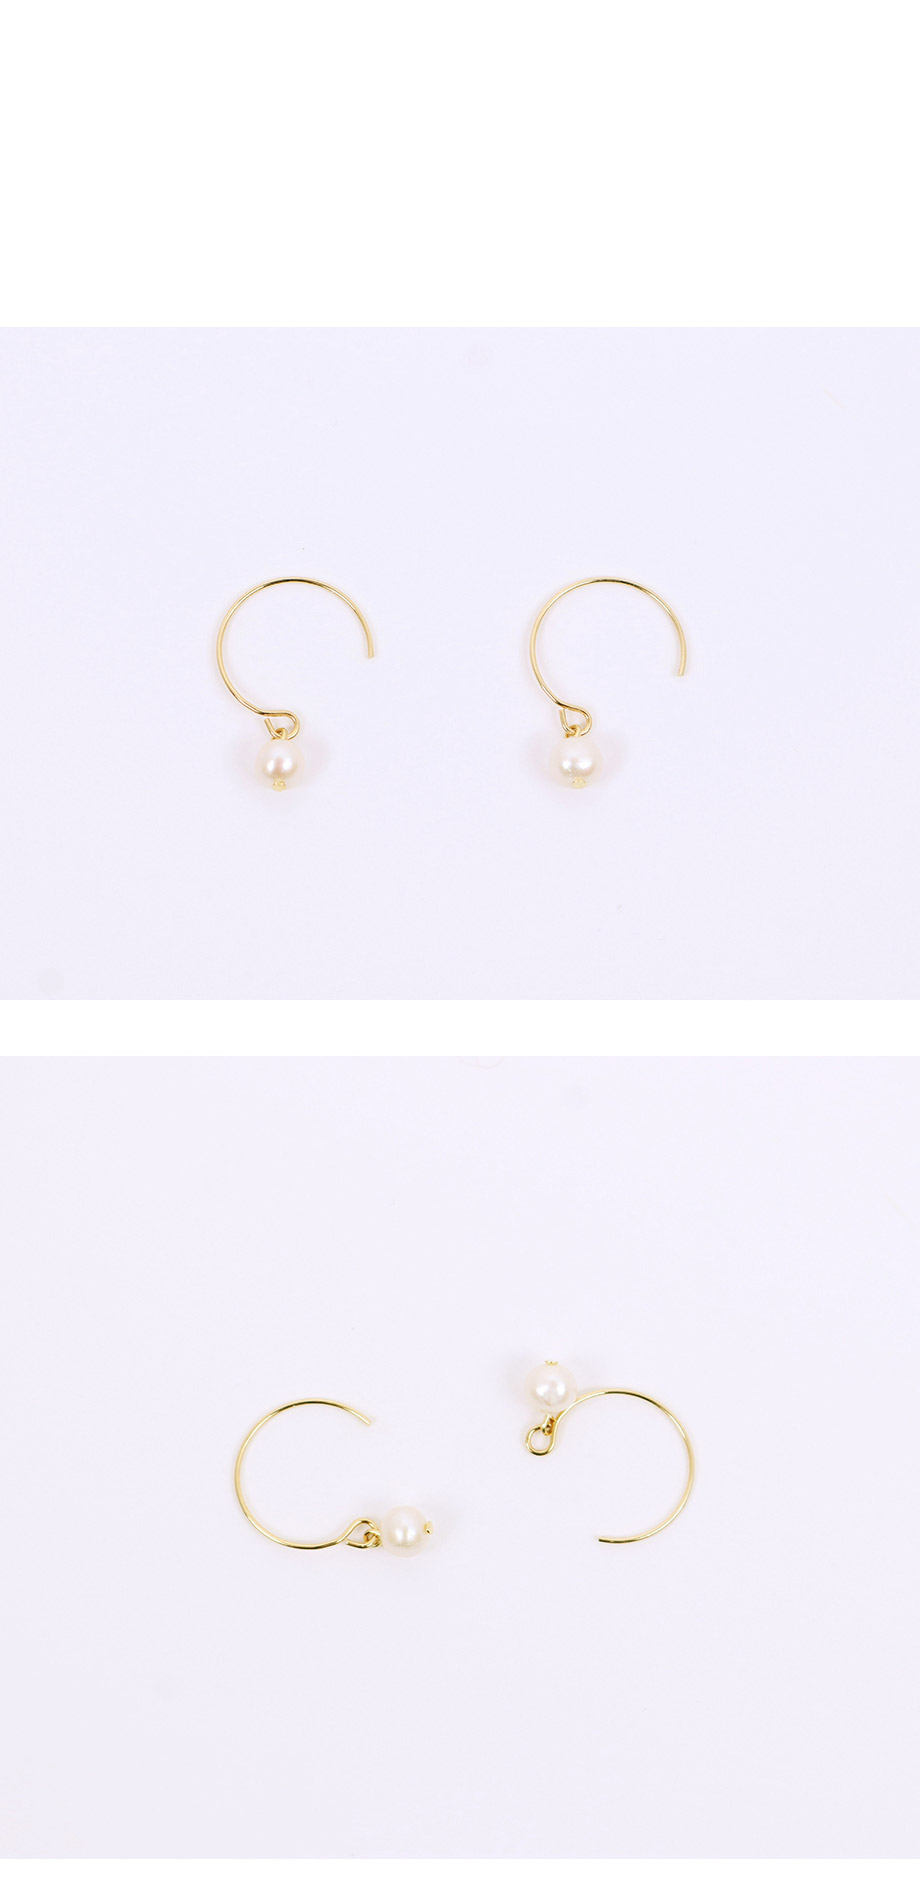 half ring pearl earring23,000원-레스이즈모어패션잡화, 주얼리, 귀걸이, 패션바보사랑half ring pearl earring23,000원-레스이즈모어패션잡화, 주얼리, 귀걸이, 패션바보사랑